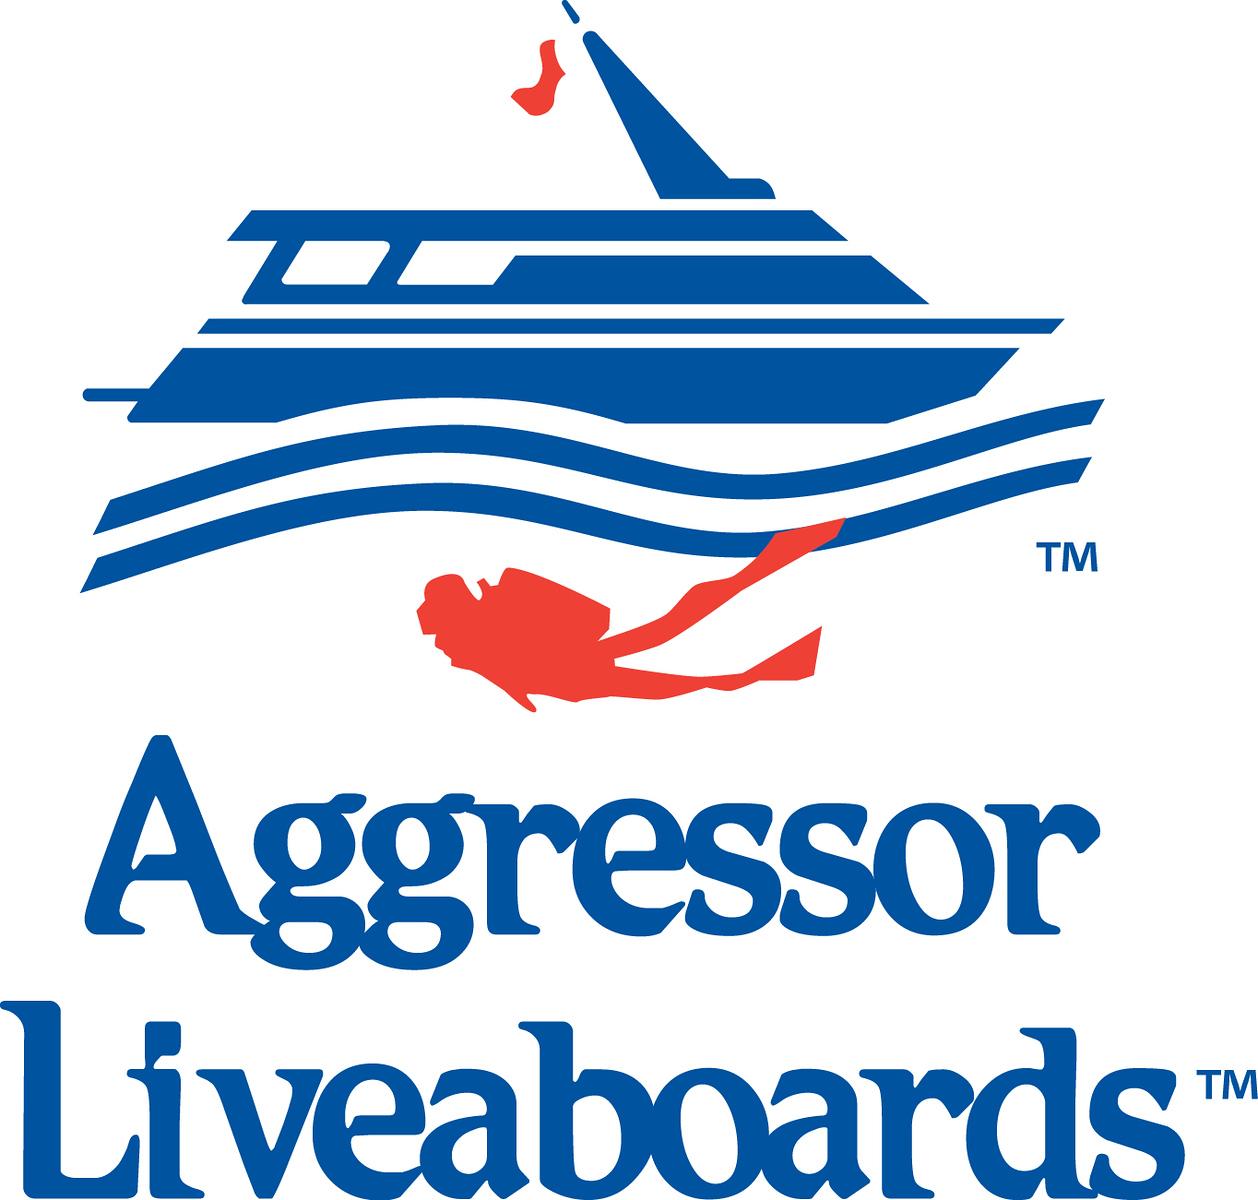 AggressorLiveaboards-color-vertical-X3.jpg